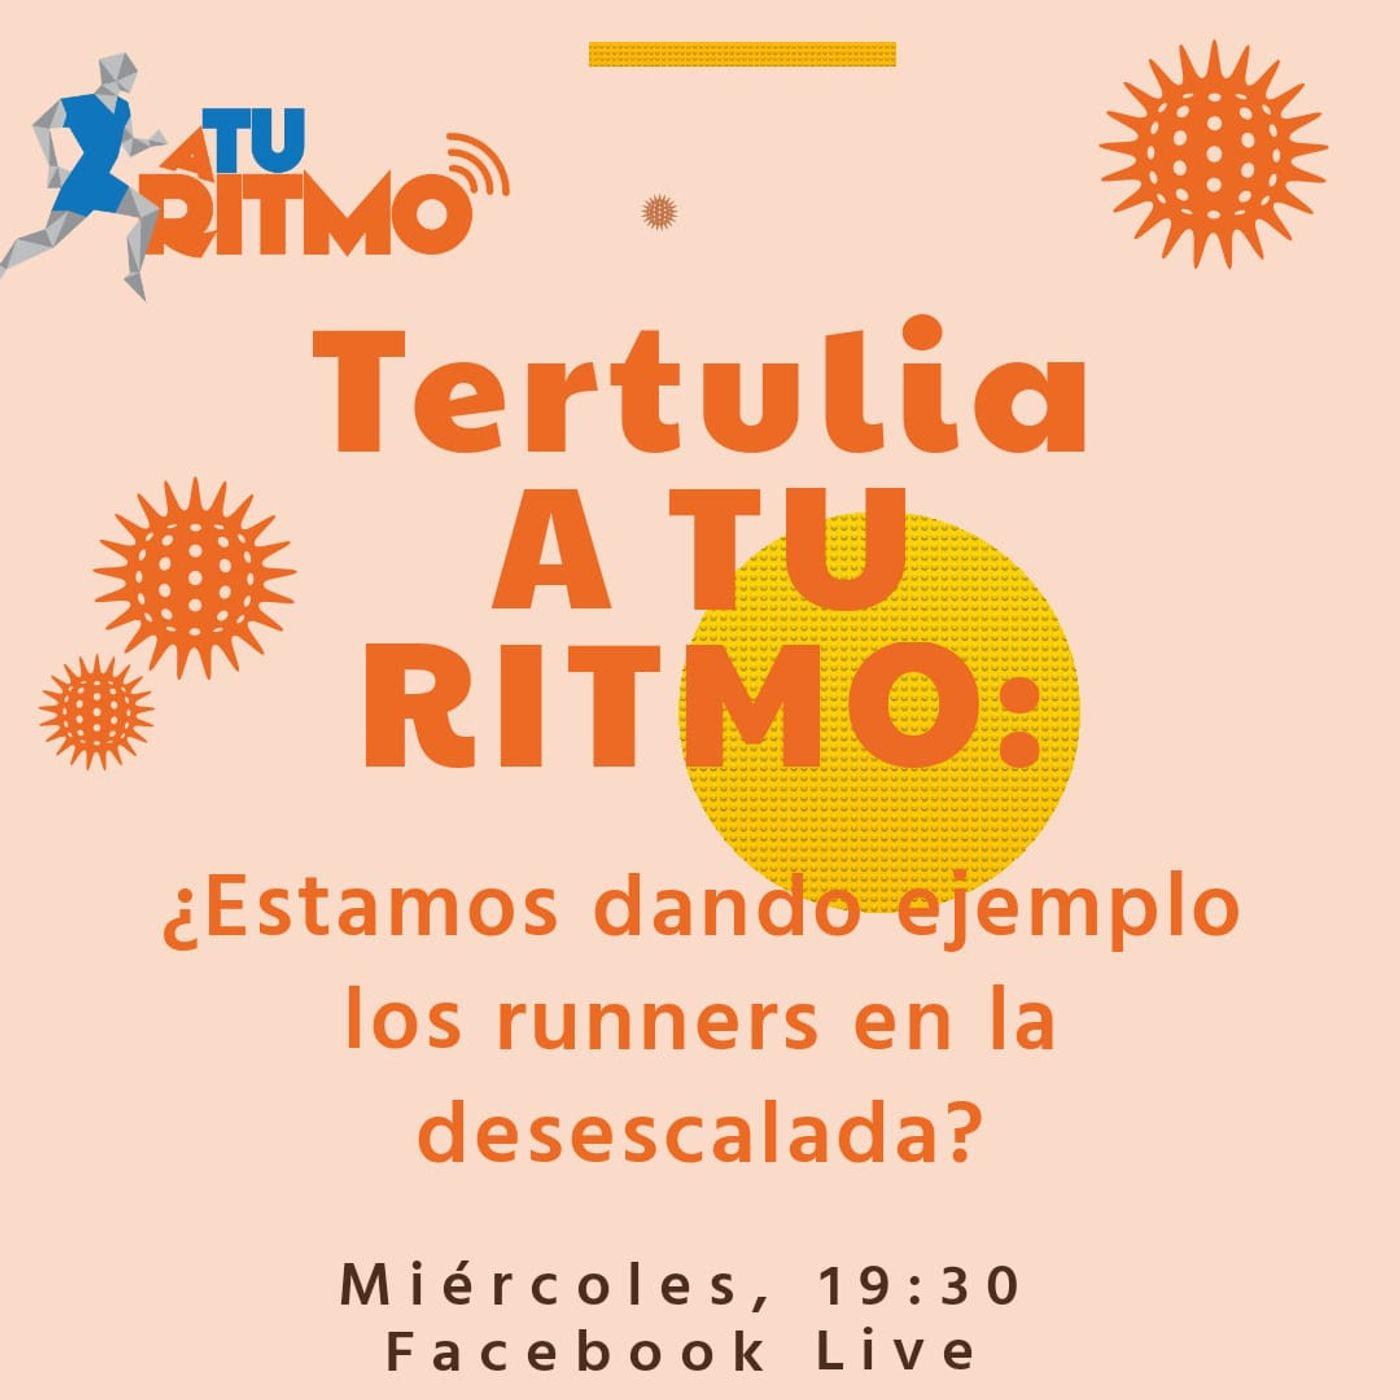 ATR TERTULIA - ¿Estamos siendo responsables los corredores durante la desescalada?